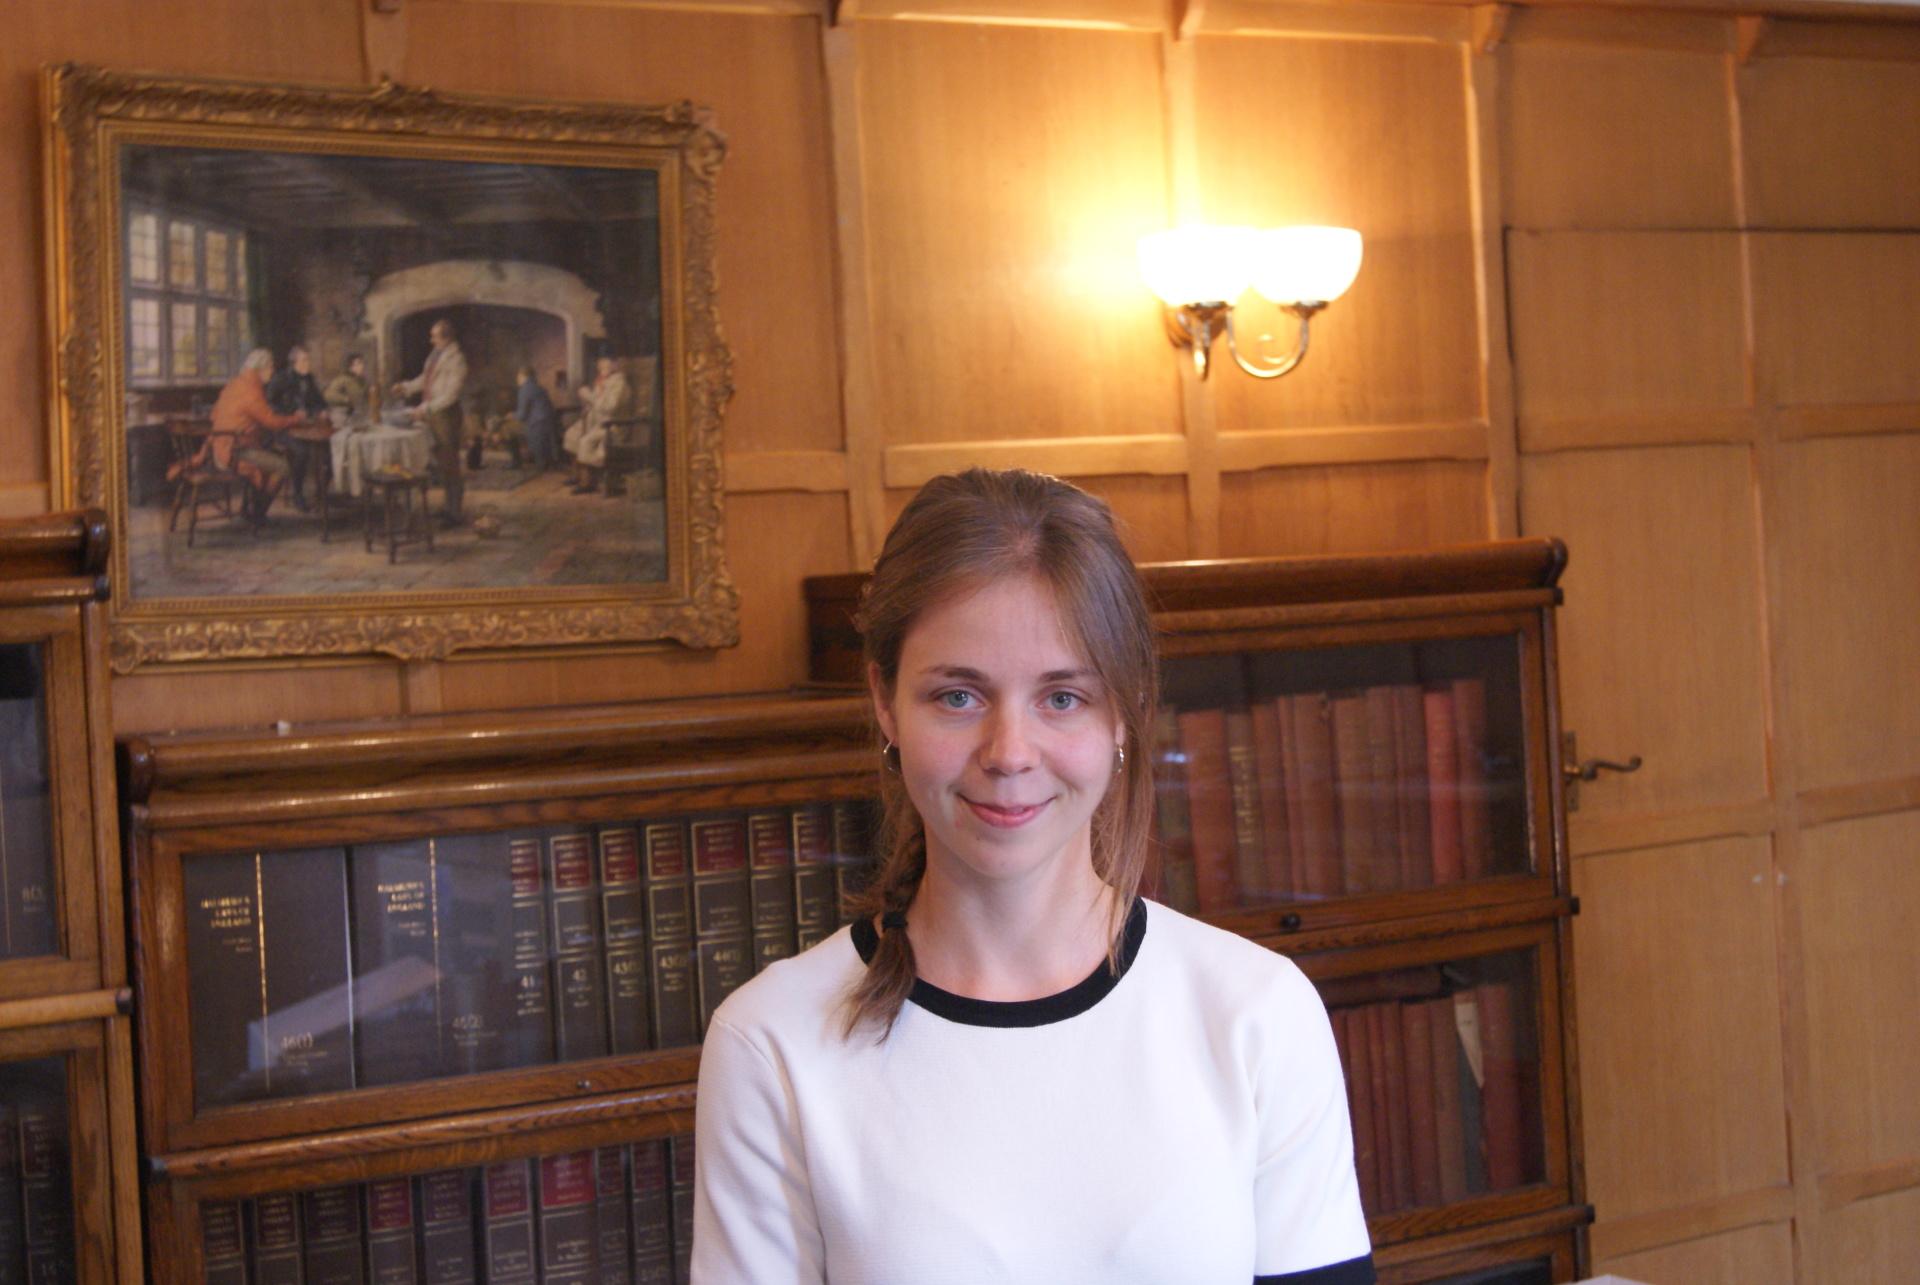 Rebecca von Blumenthal